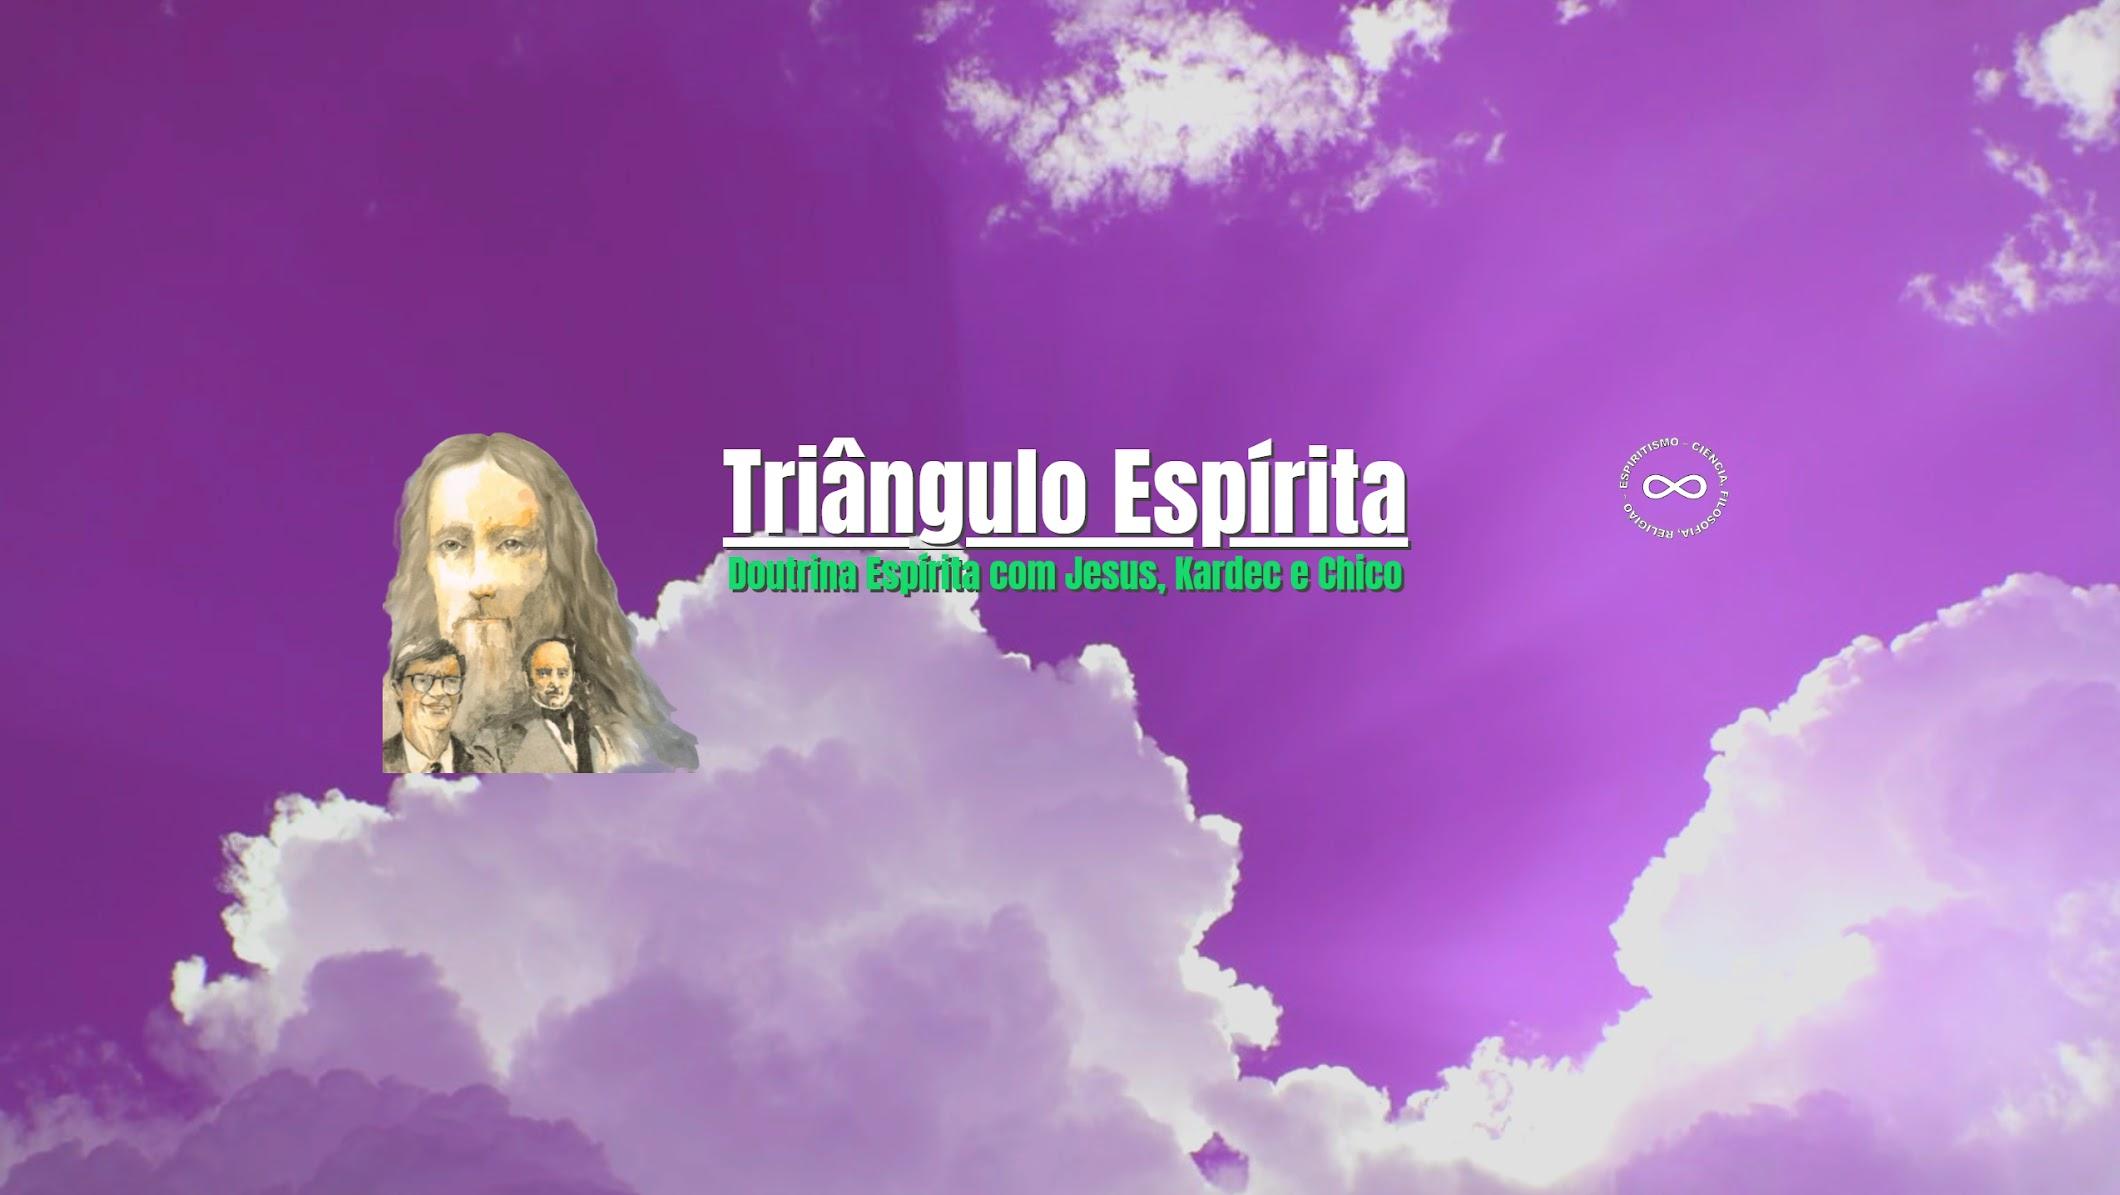 Triângulo Espírita